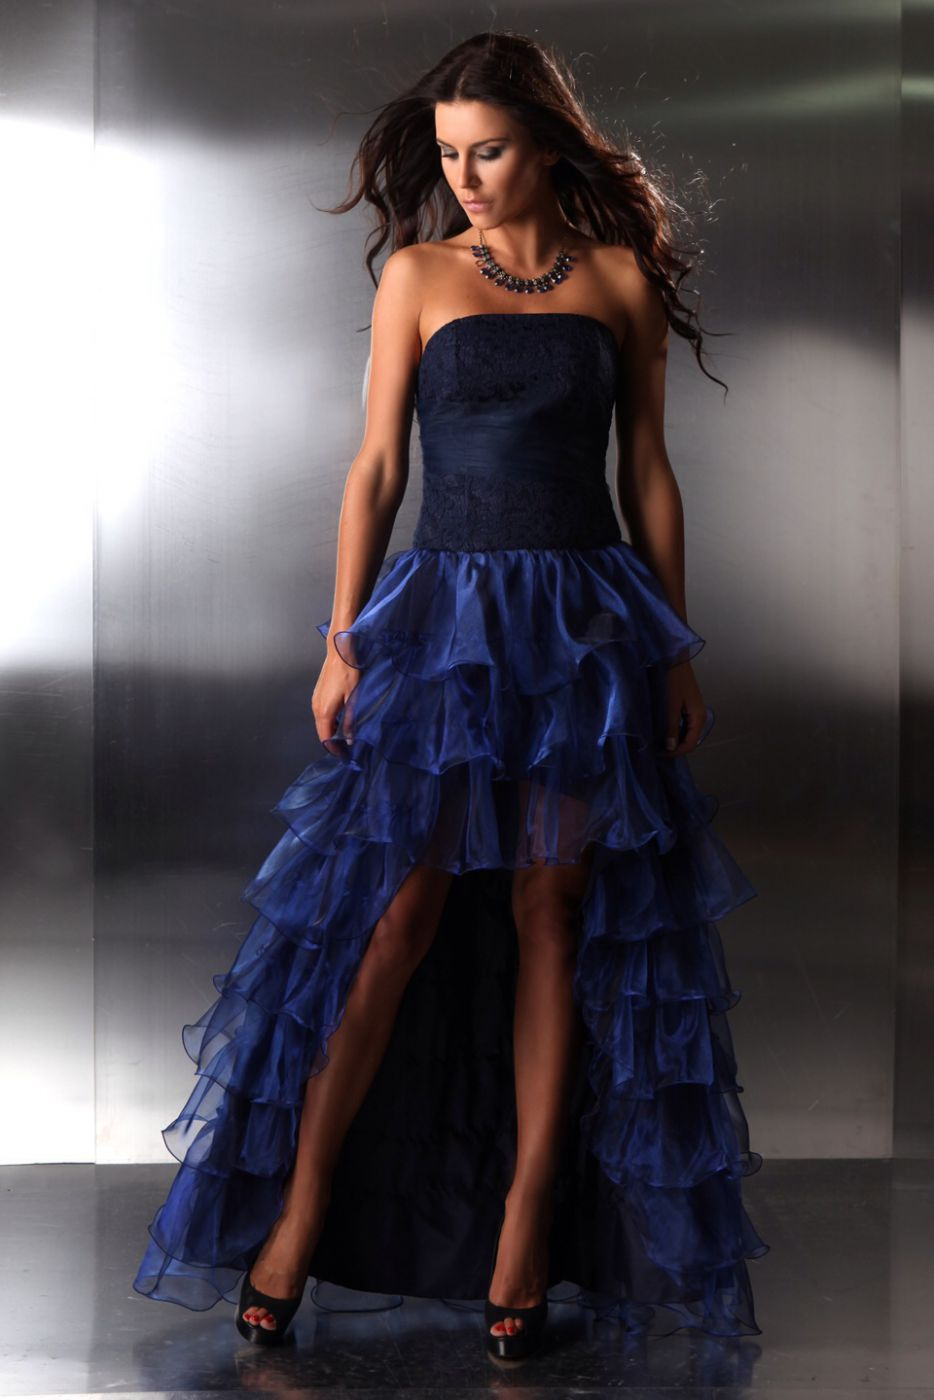 abendkleid vorne kurz hinten lang blau - kleiderfreuden